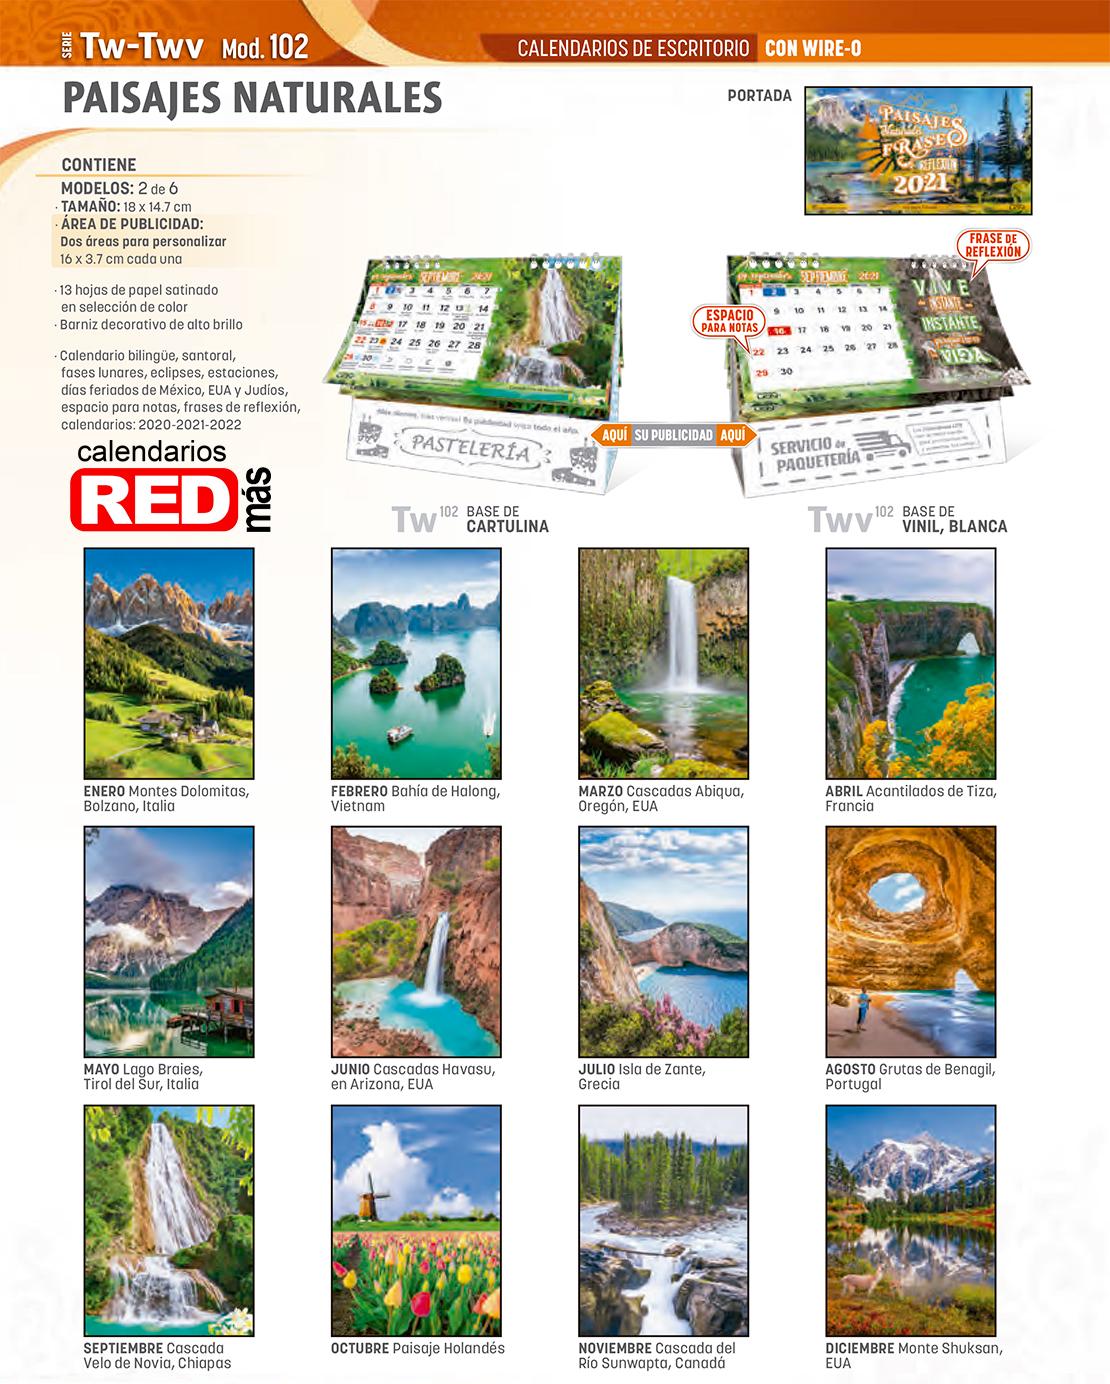 calendarios-len-2020-calendarios-red-calendarios-2020-Twv_002.jpg